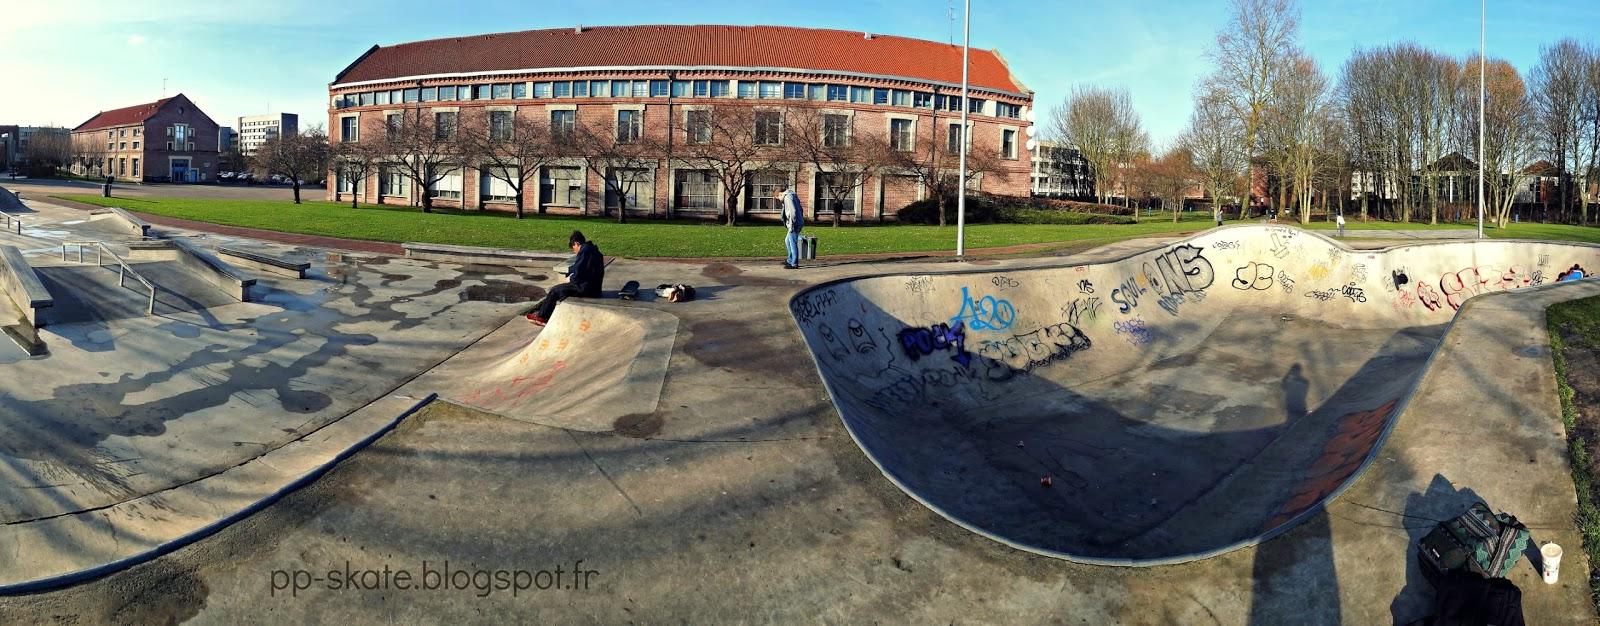 Skatepark Douai panoramique